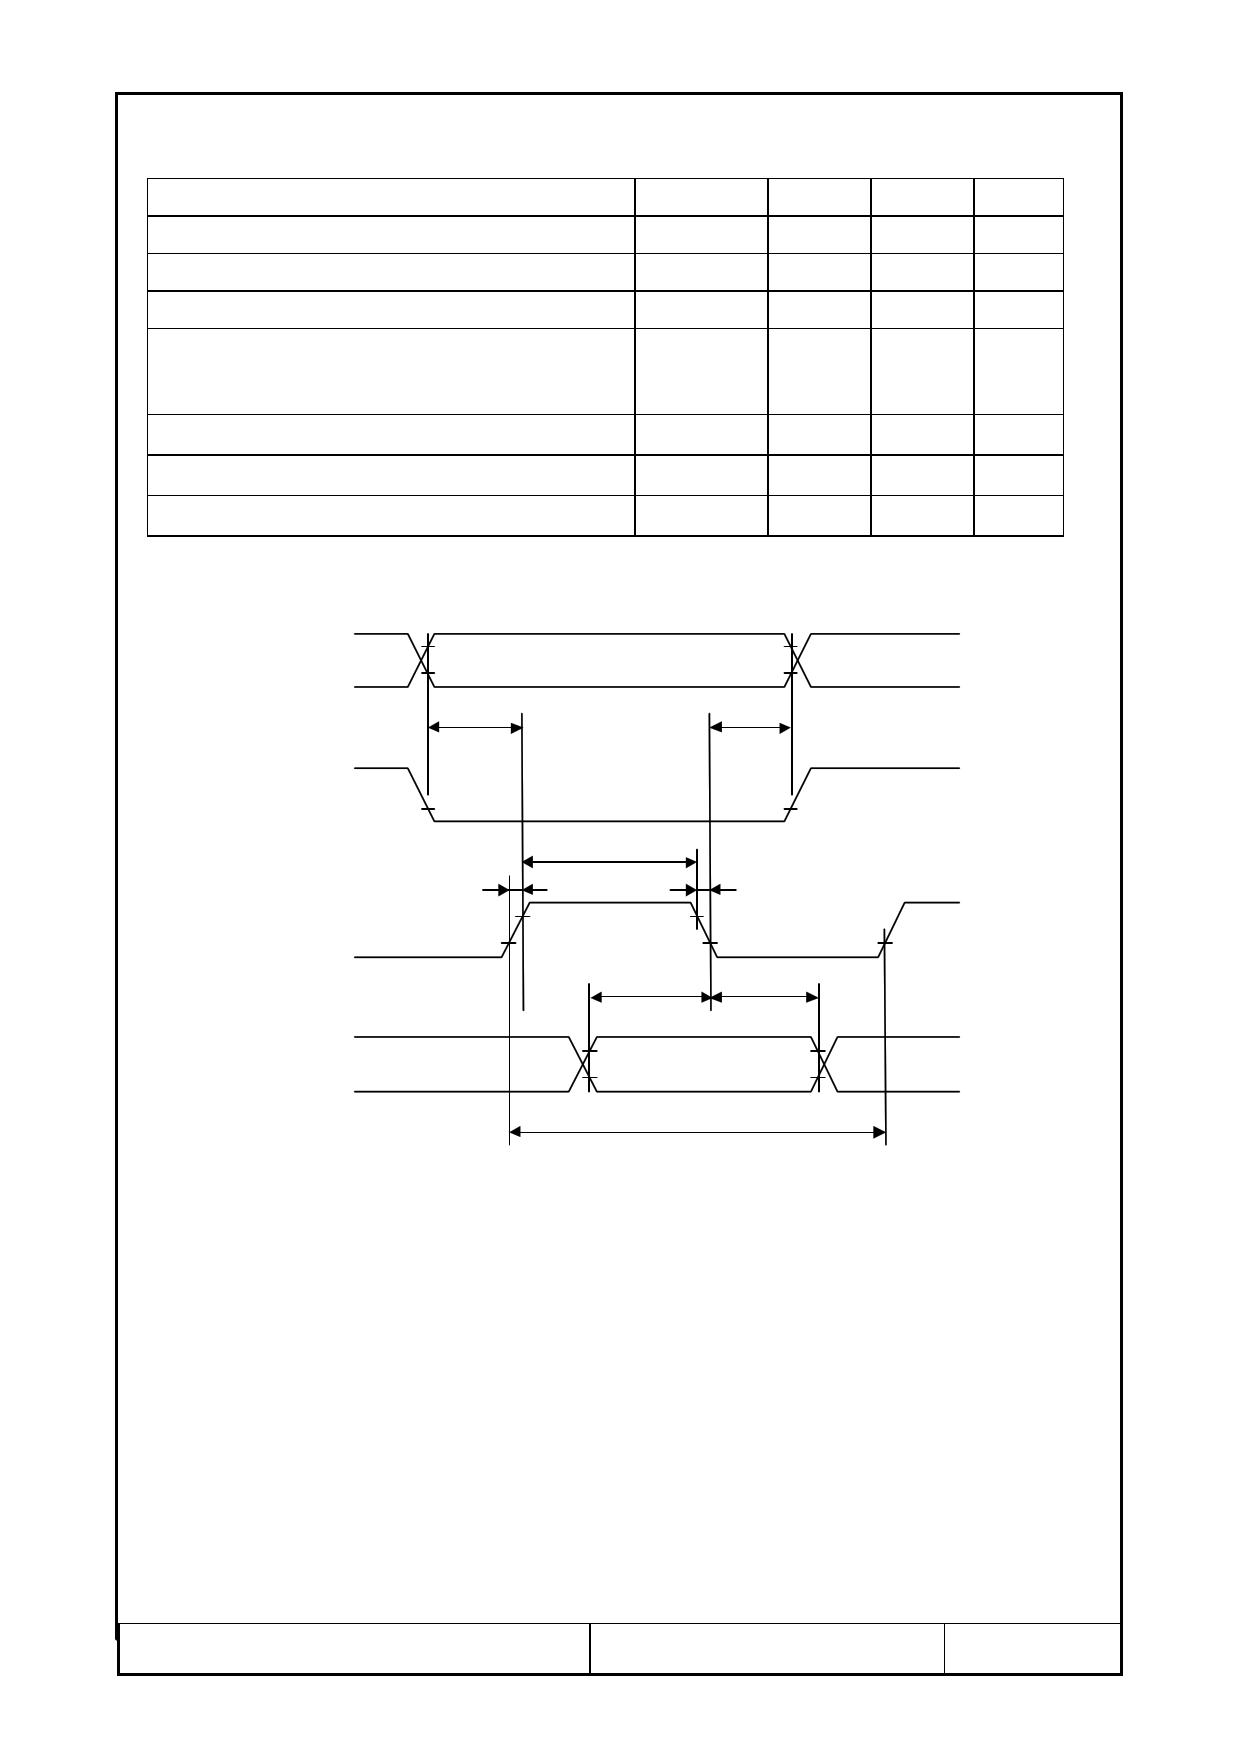 C-51505NFQJ-LG-AKN pdf